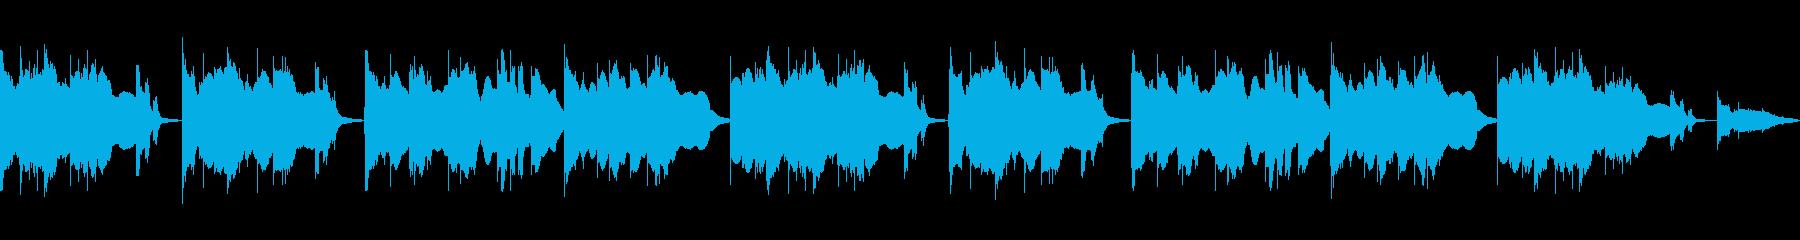 クリスマスに使える優しいBGMの再生済みの波形